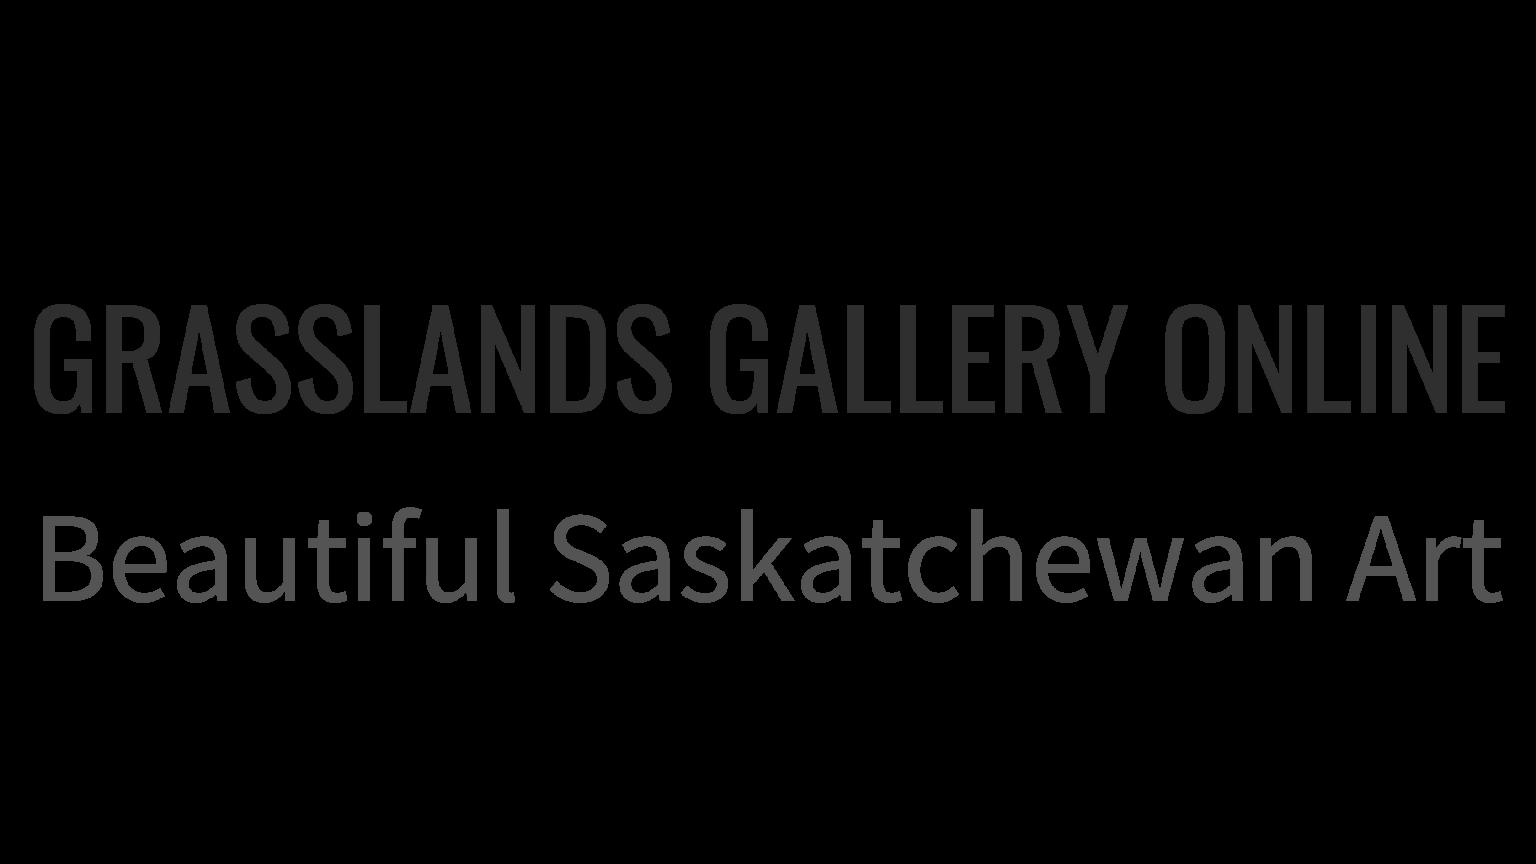 Grasslands Gallery Online